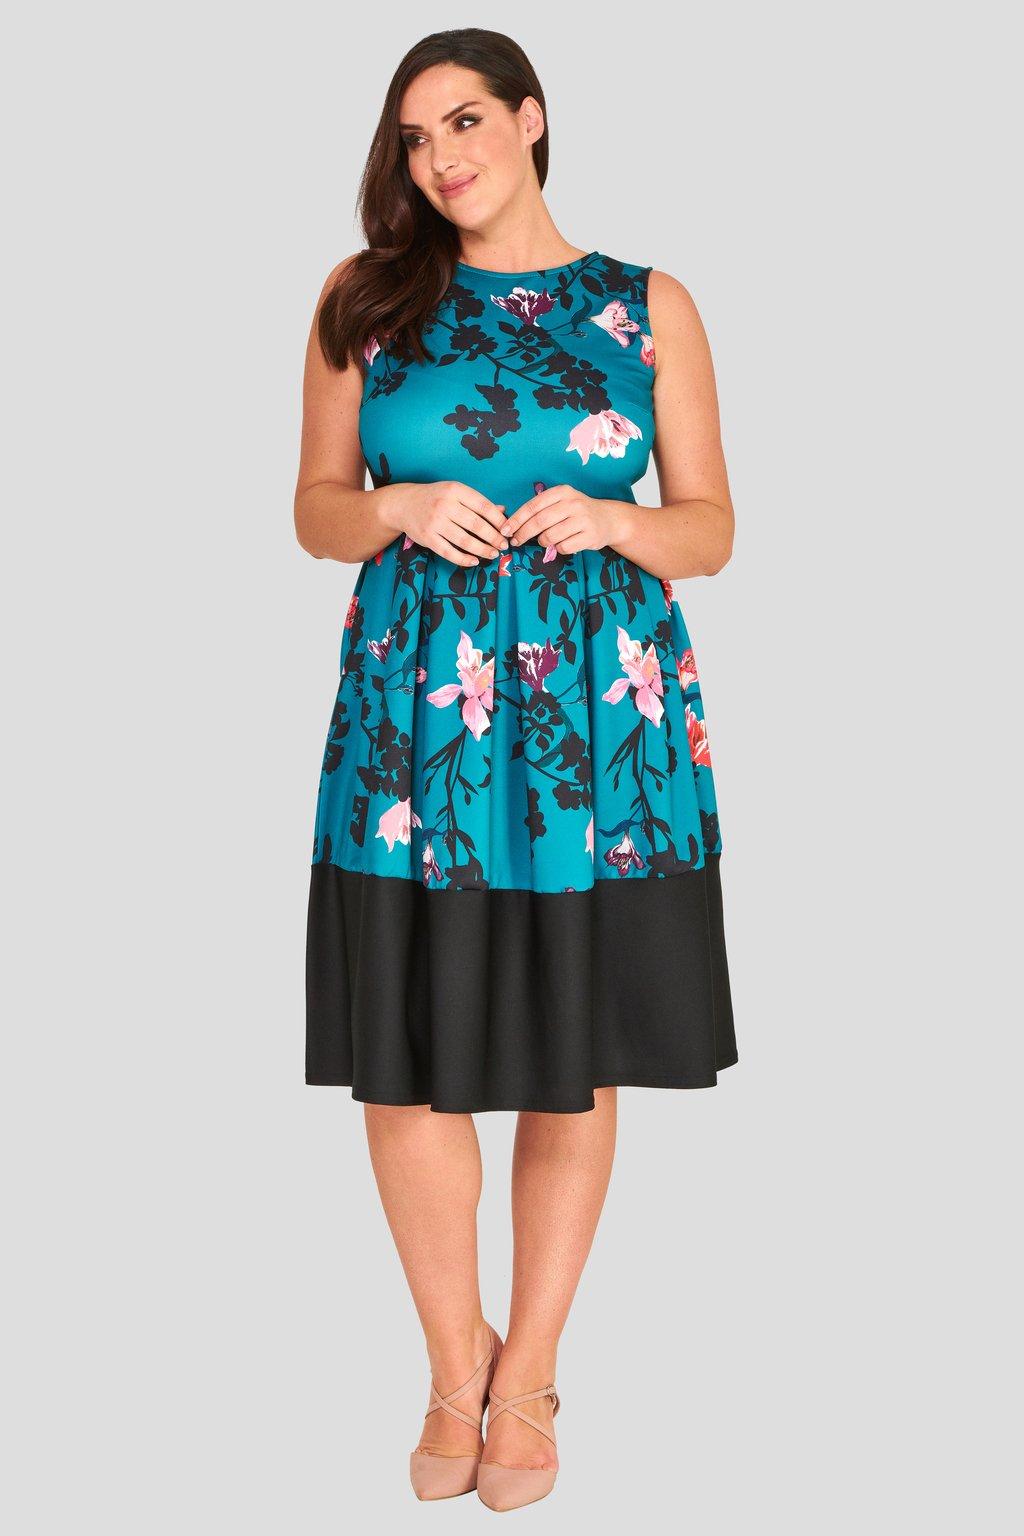 ... Okouzlující šaty Foil tyrkysově modré 2 ... c0f7c7bba6f